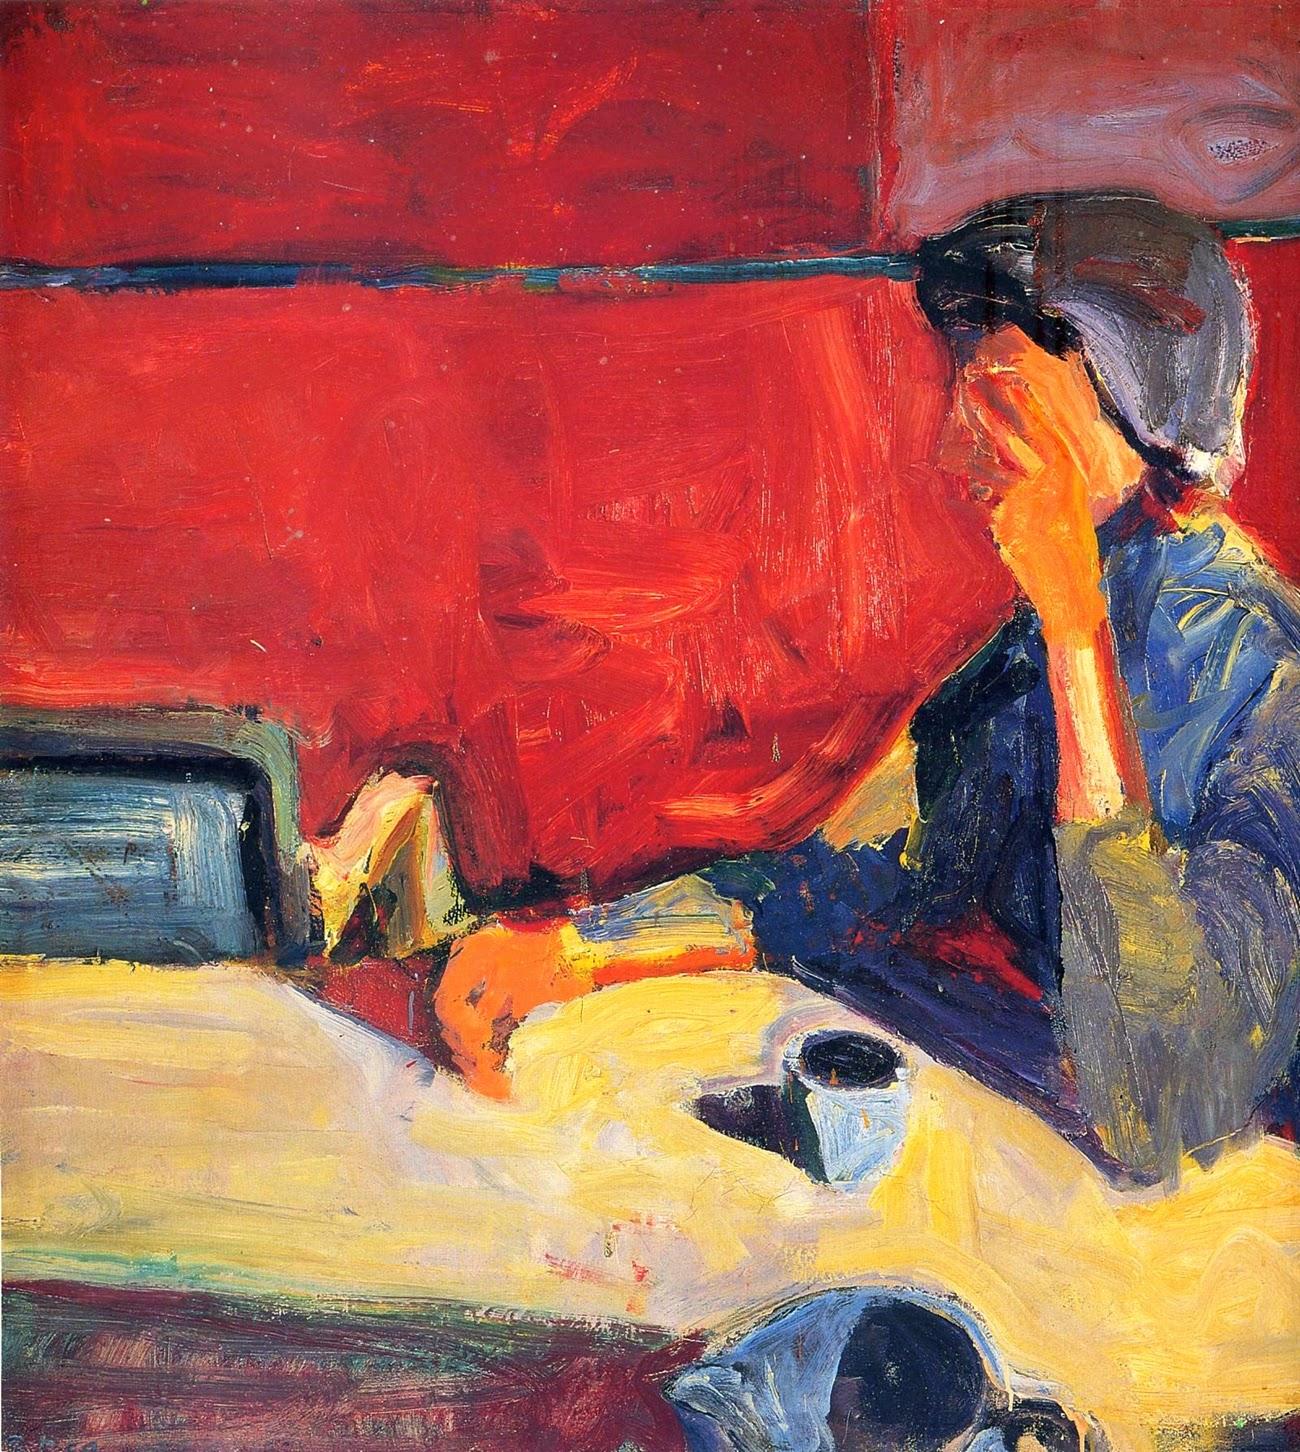 Images Of Richard Diebenkorn Paintings